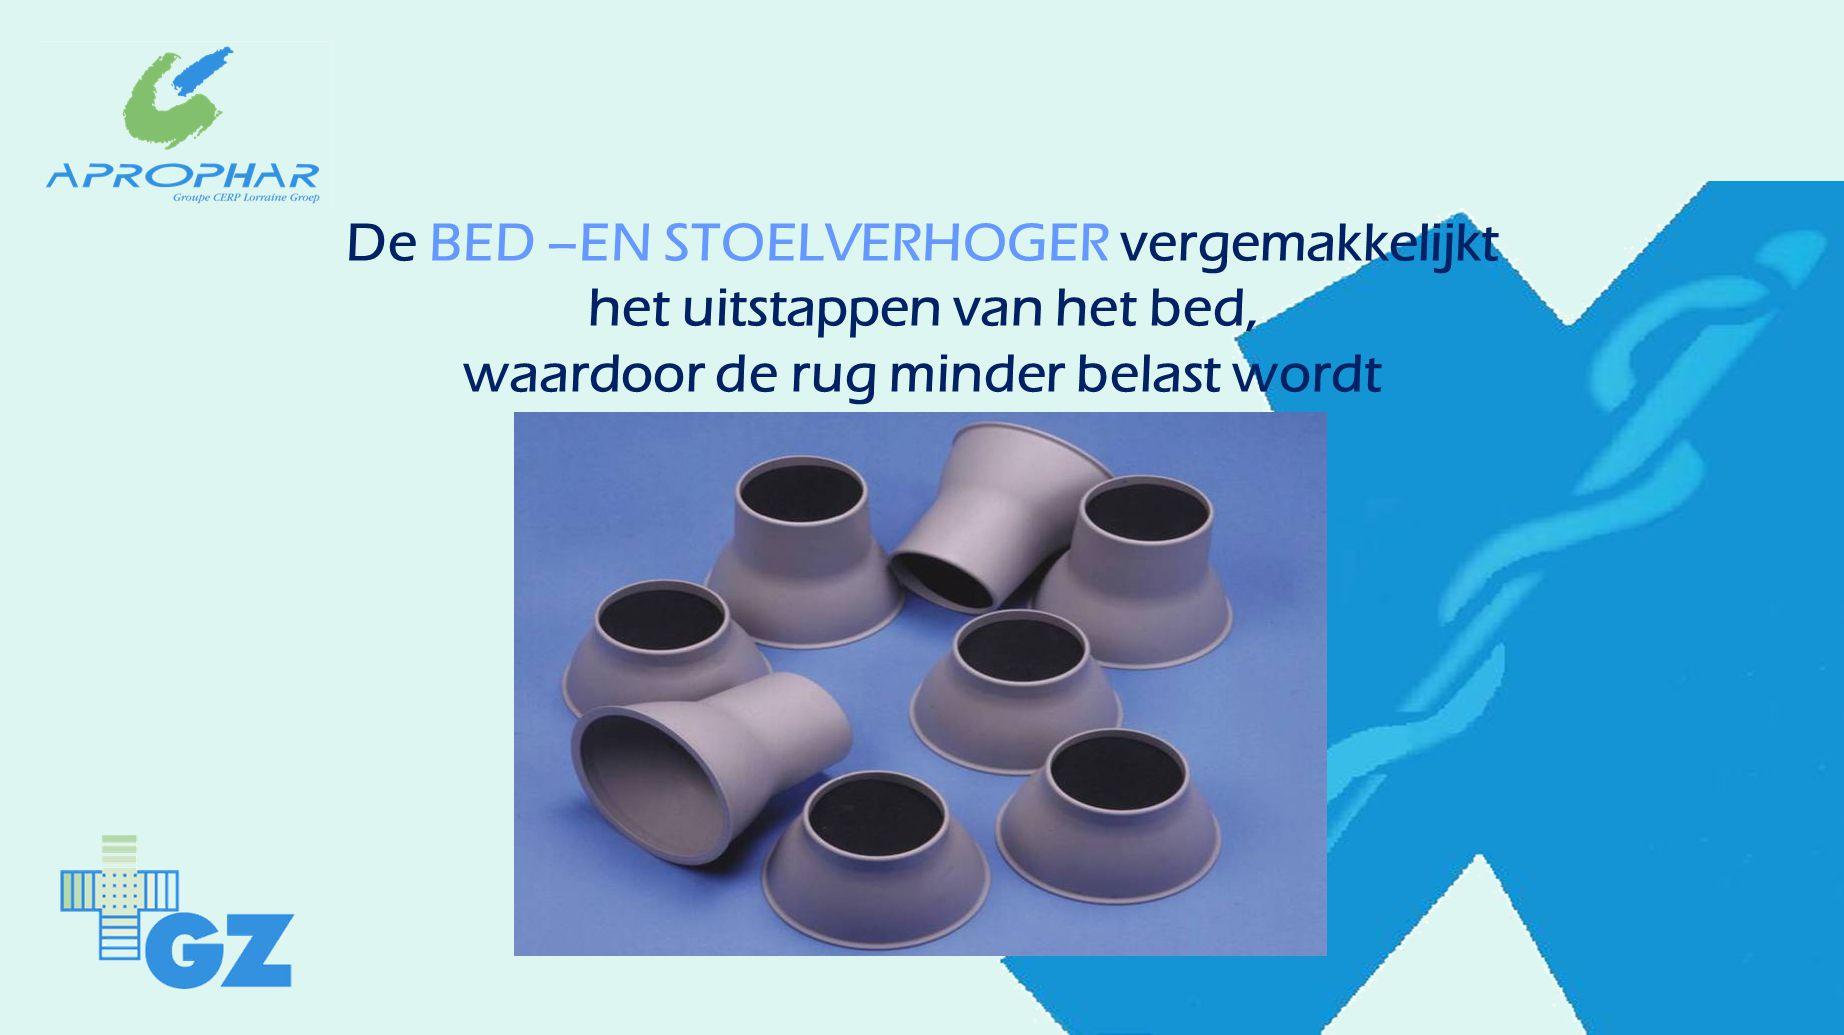 De BED –EN STOELVERHOGER vergemakkelijkt het uitstappen van het bed, waardoor de rug minder belast wordt